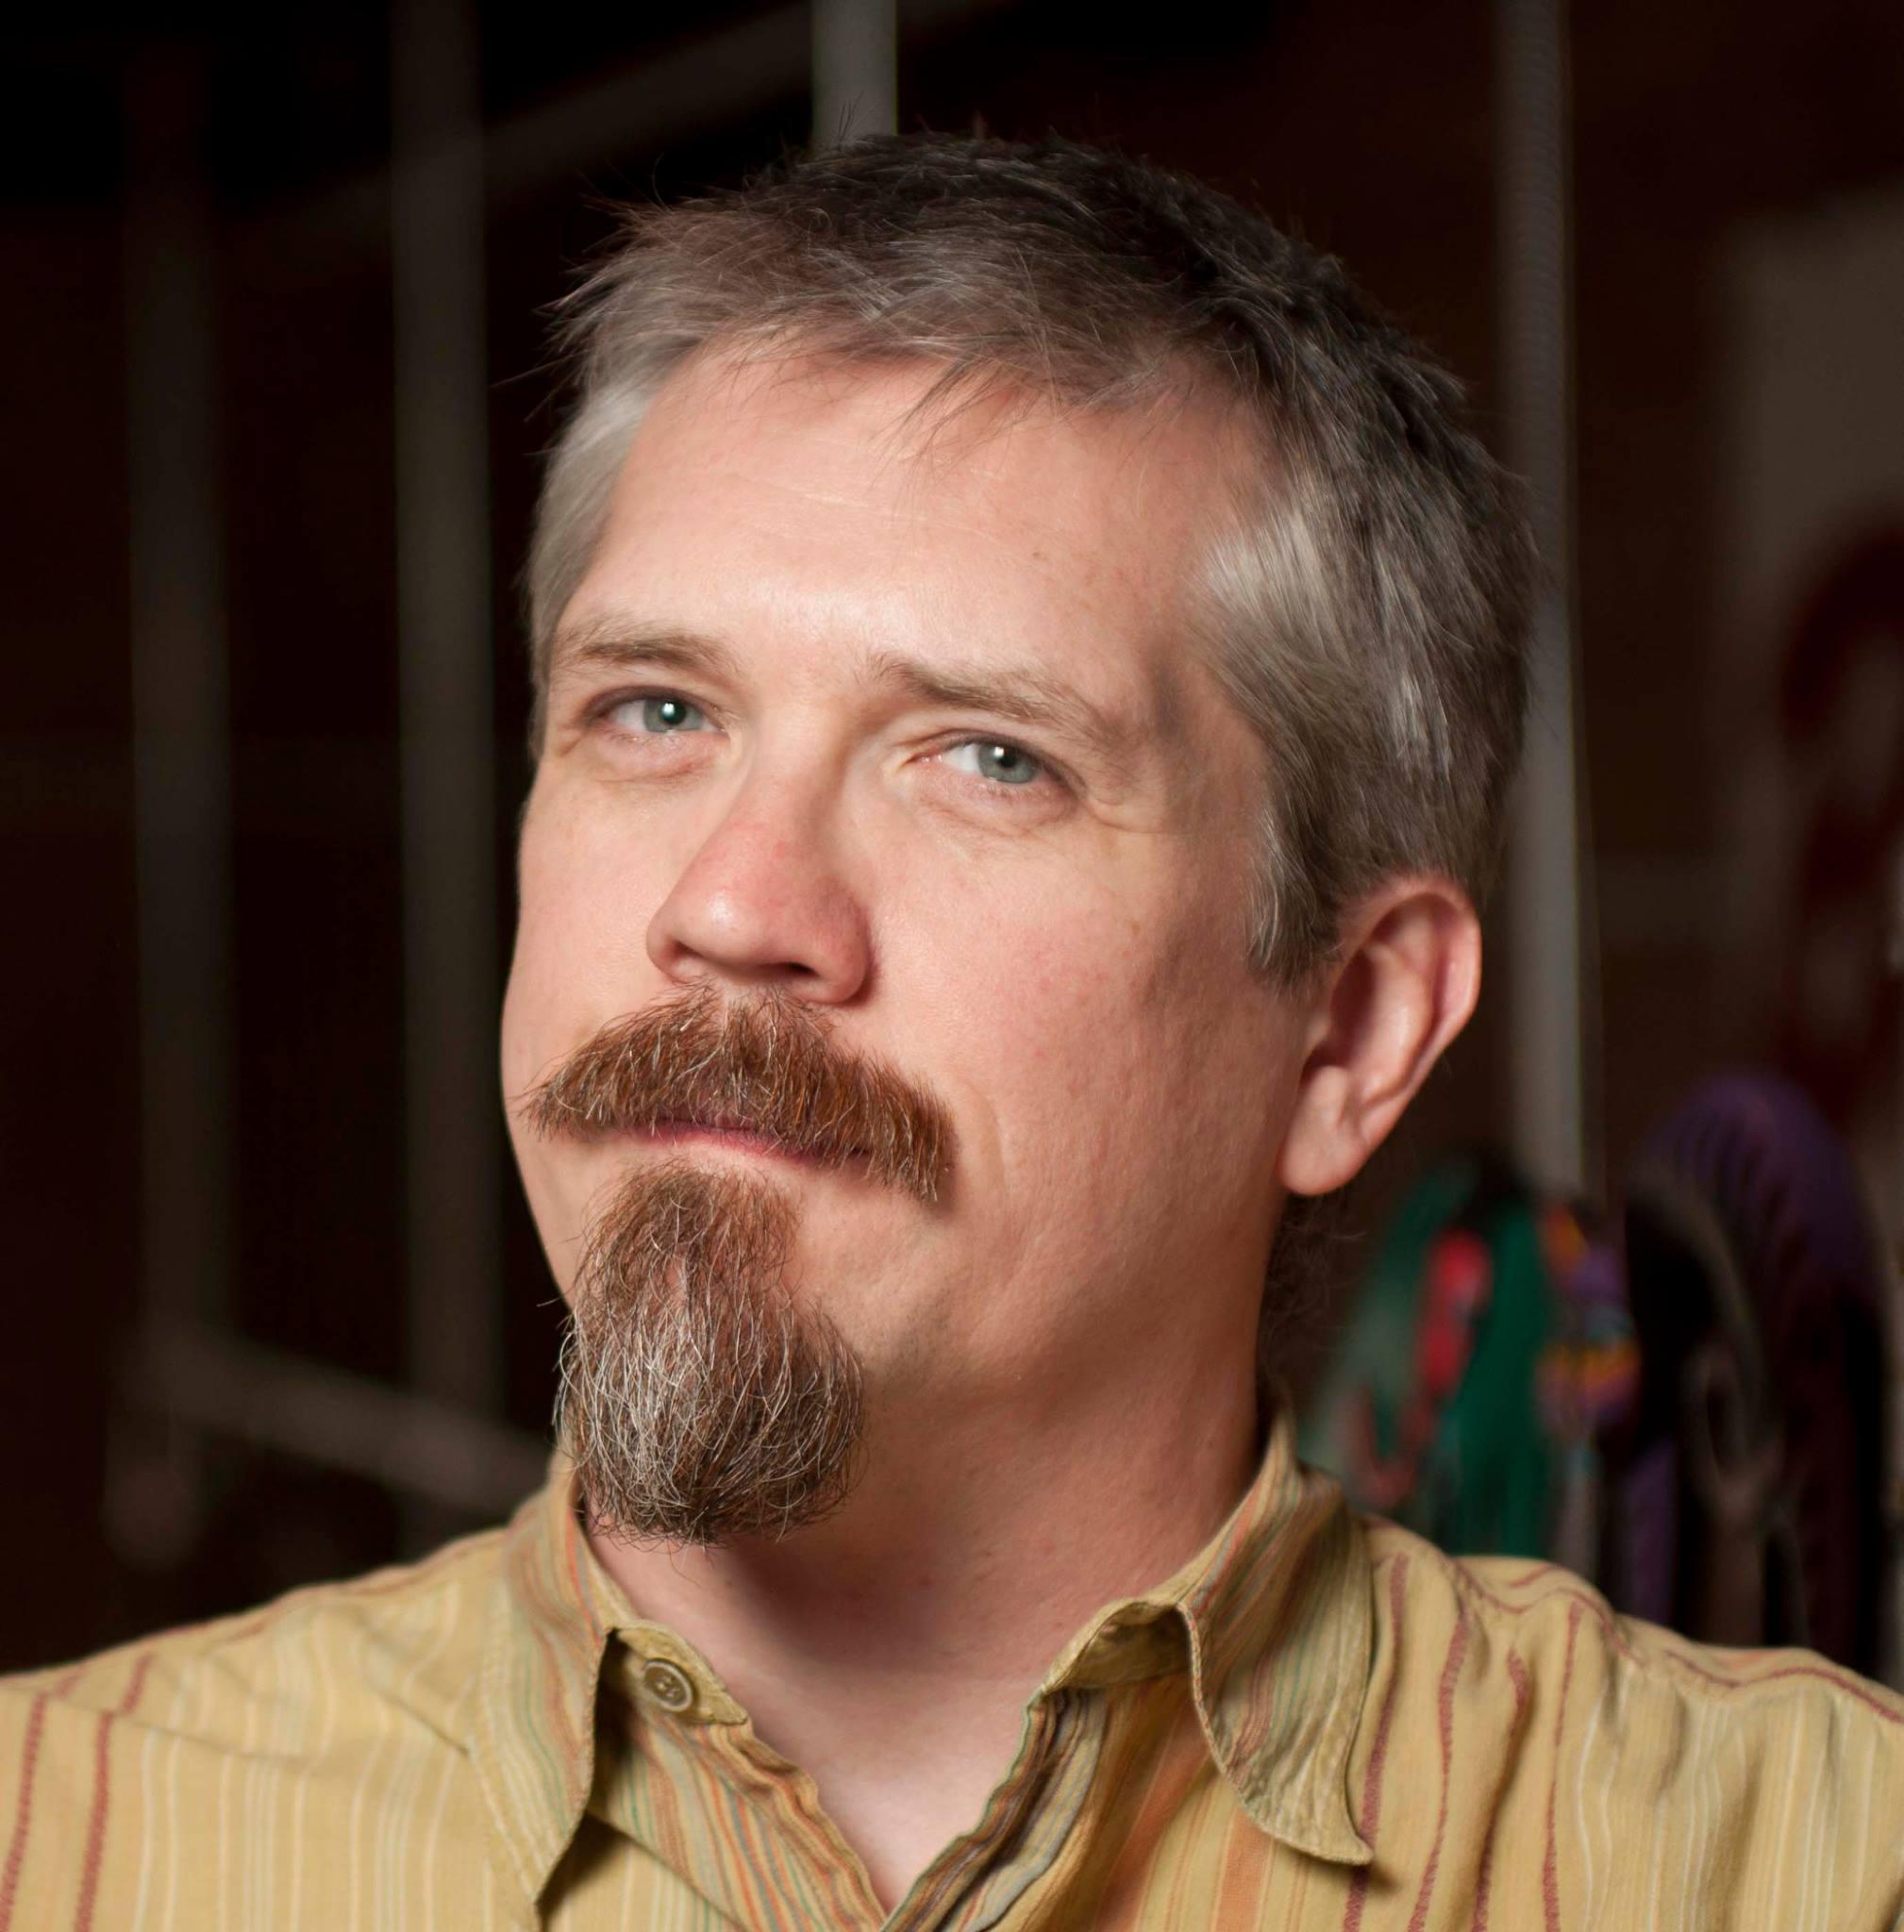 Bret Pearson